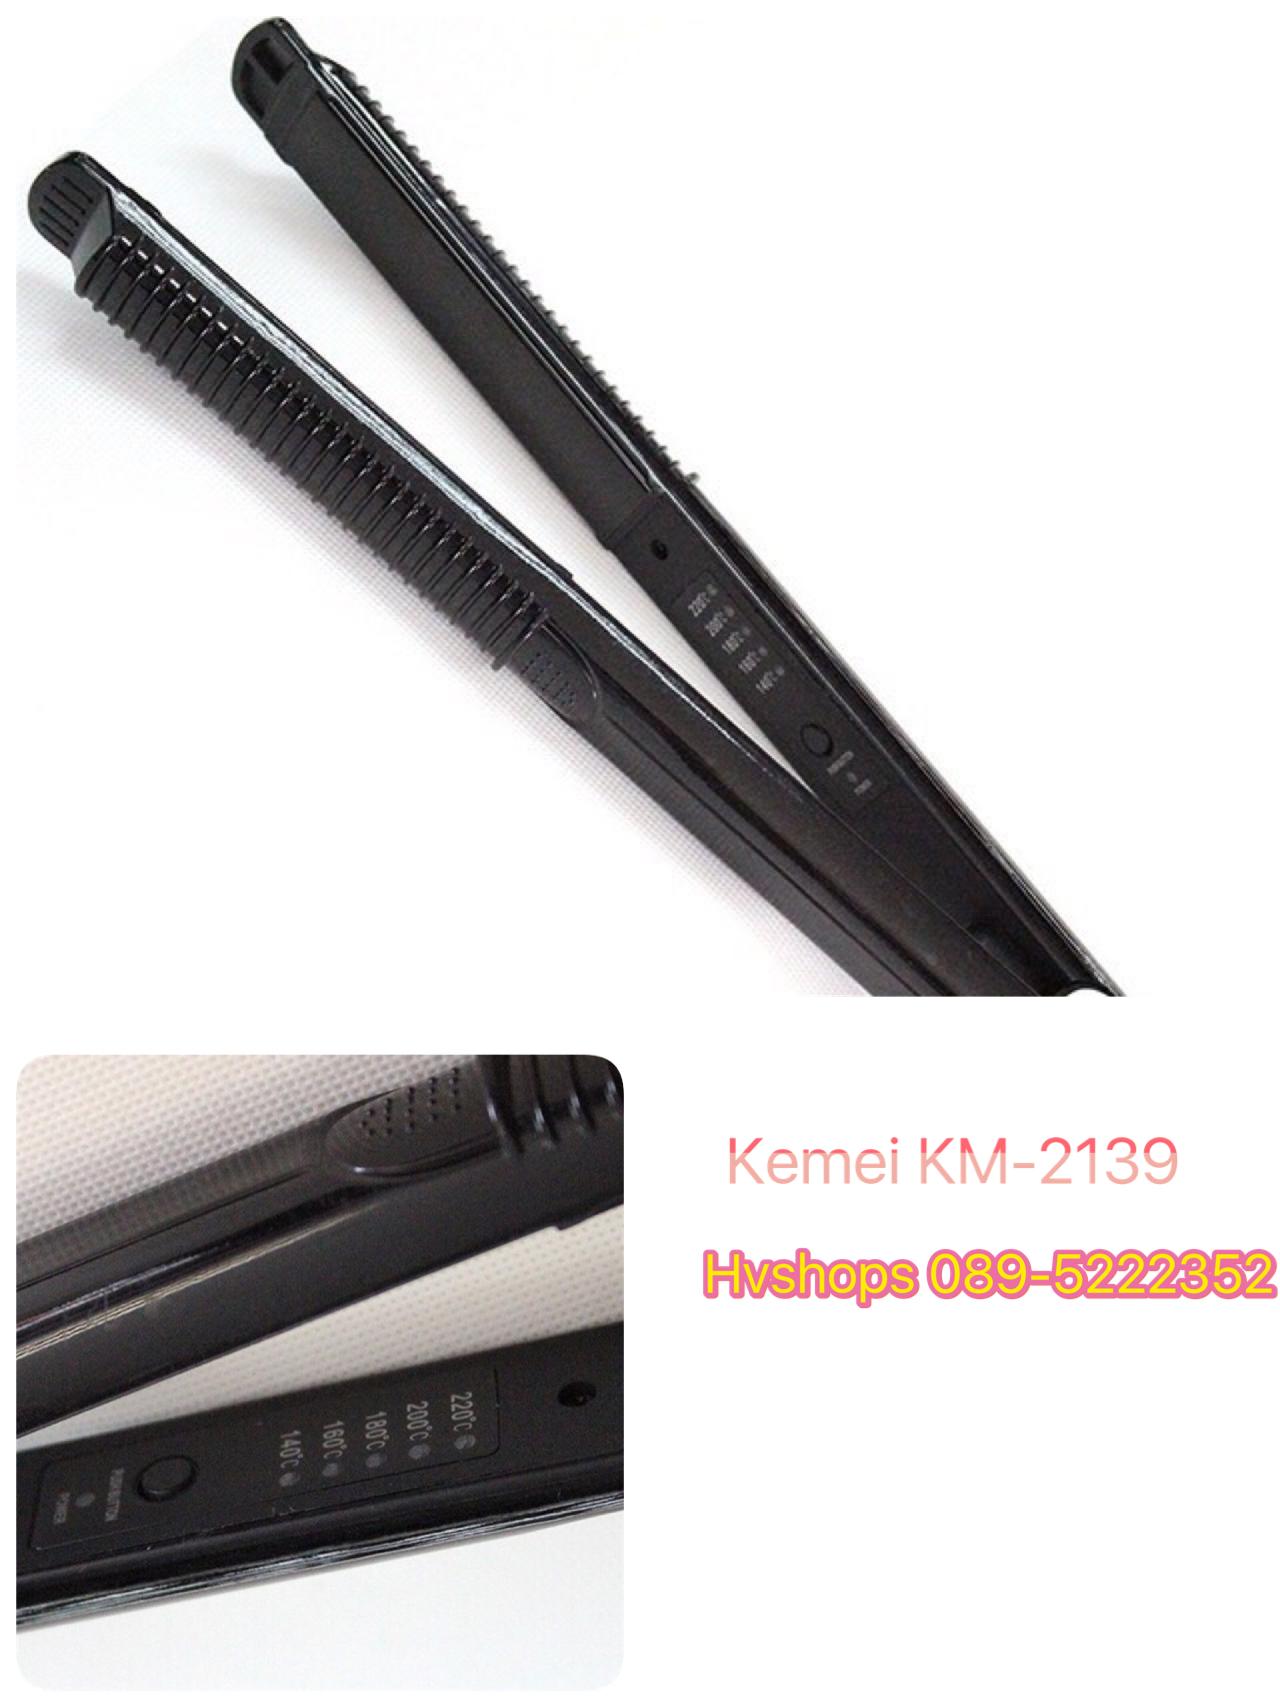 เครื่องหนีบผม Kemei รุ่น KM-2139